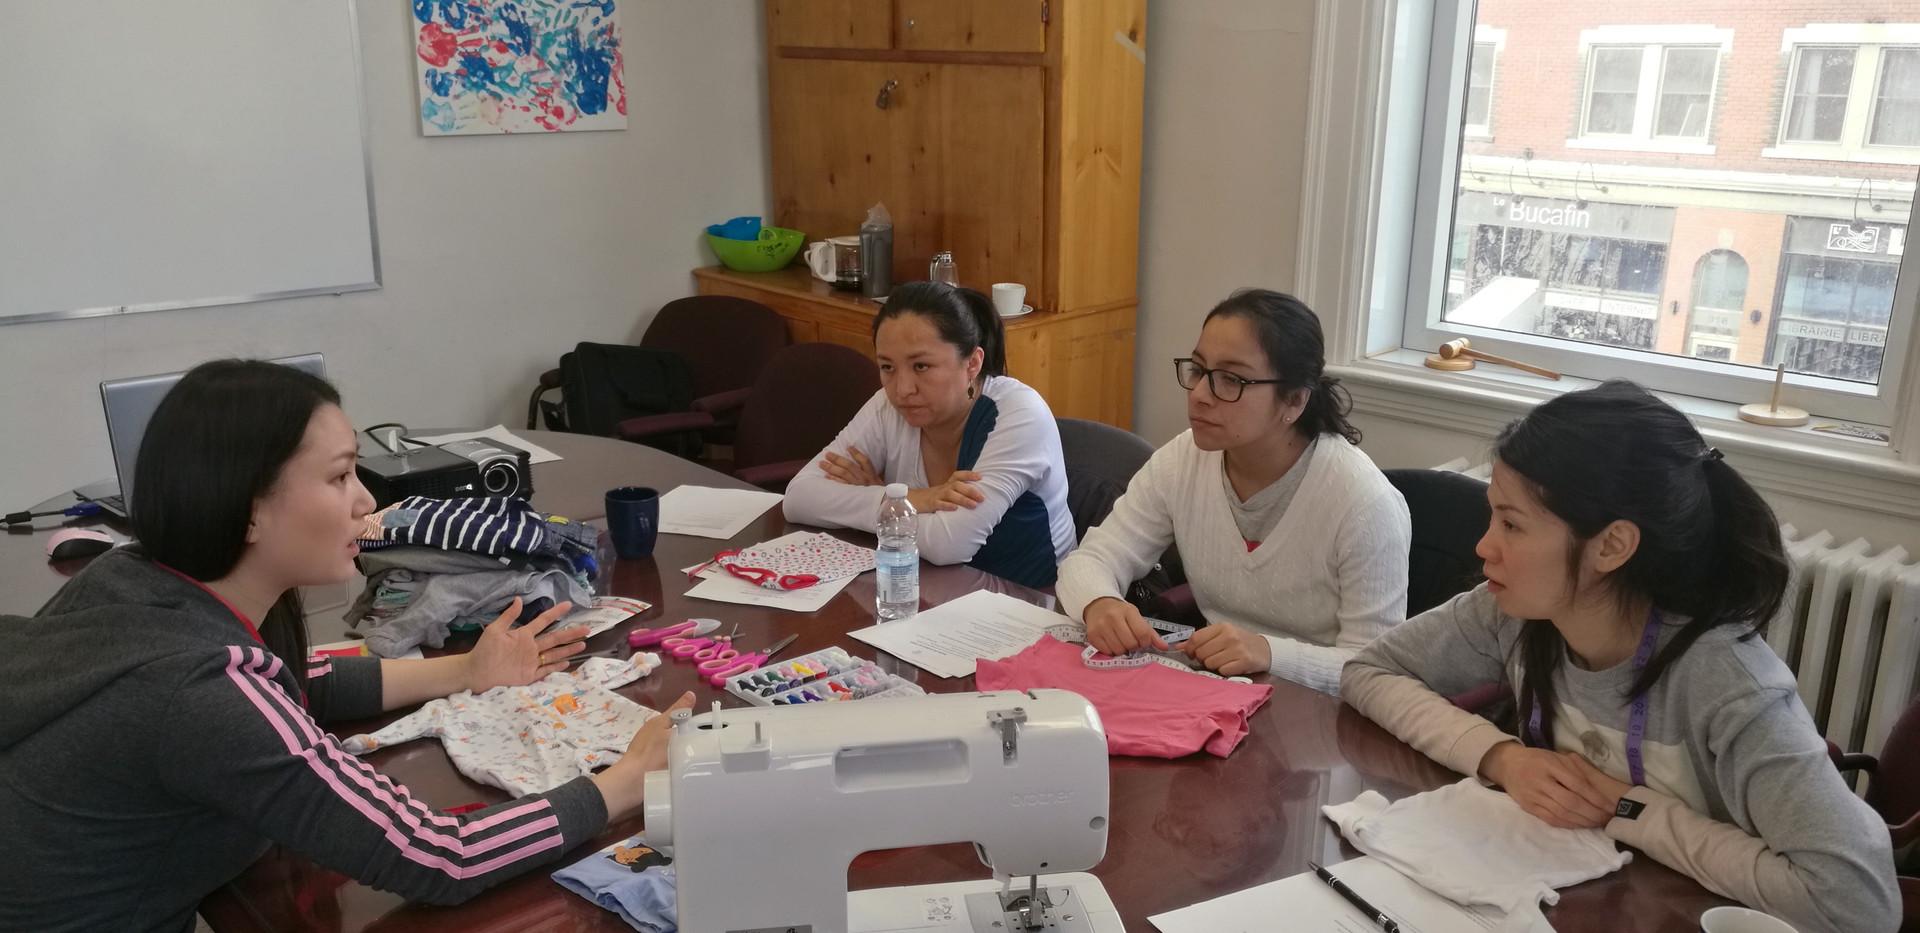 Atelier de couture